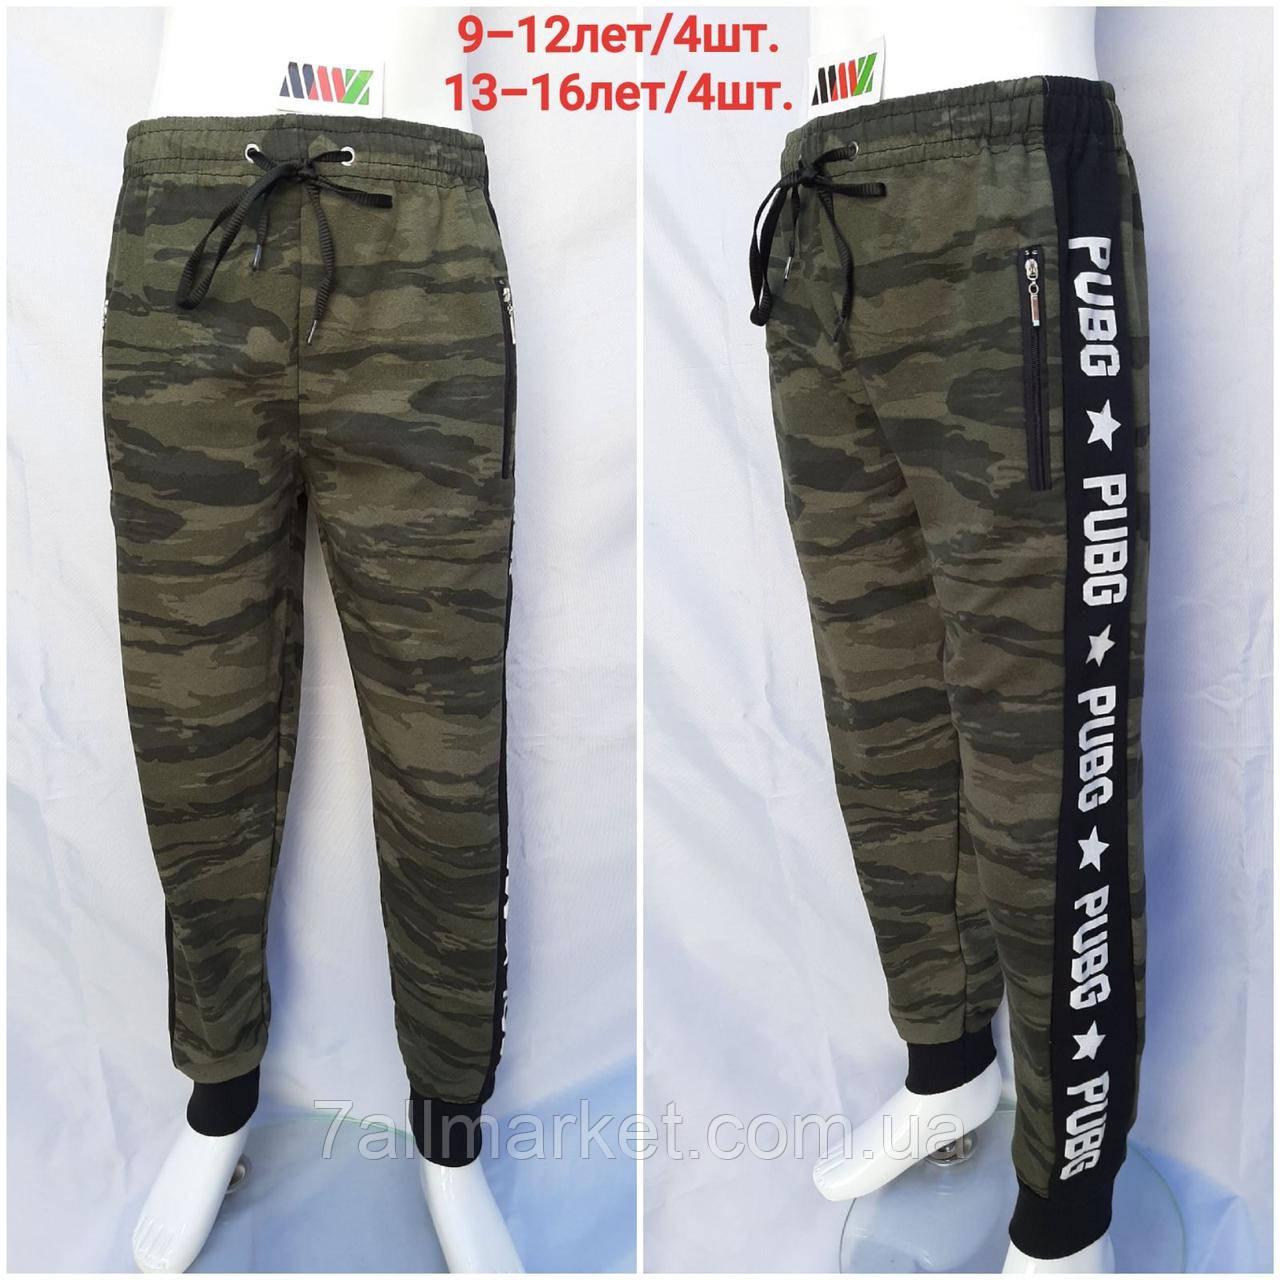 """Спортивні штанці на манжетах камуфляж на хлопчика 13-16 років """"MIX"""" купити недорого від прямого постачальника"""